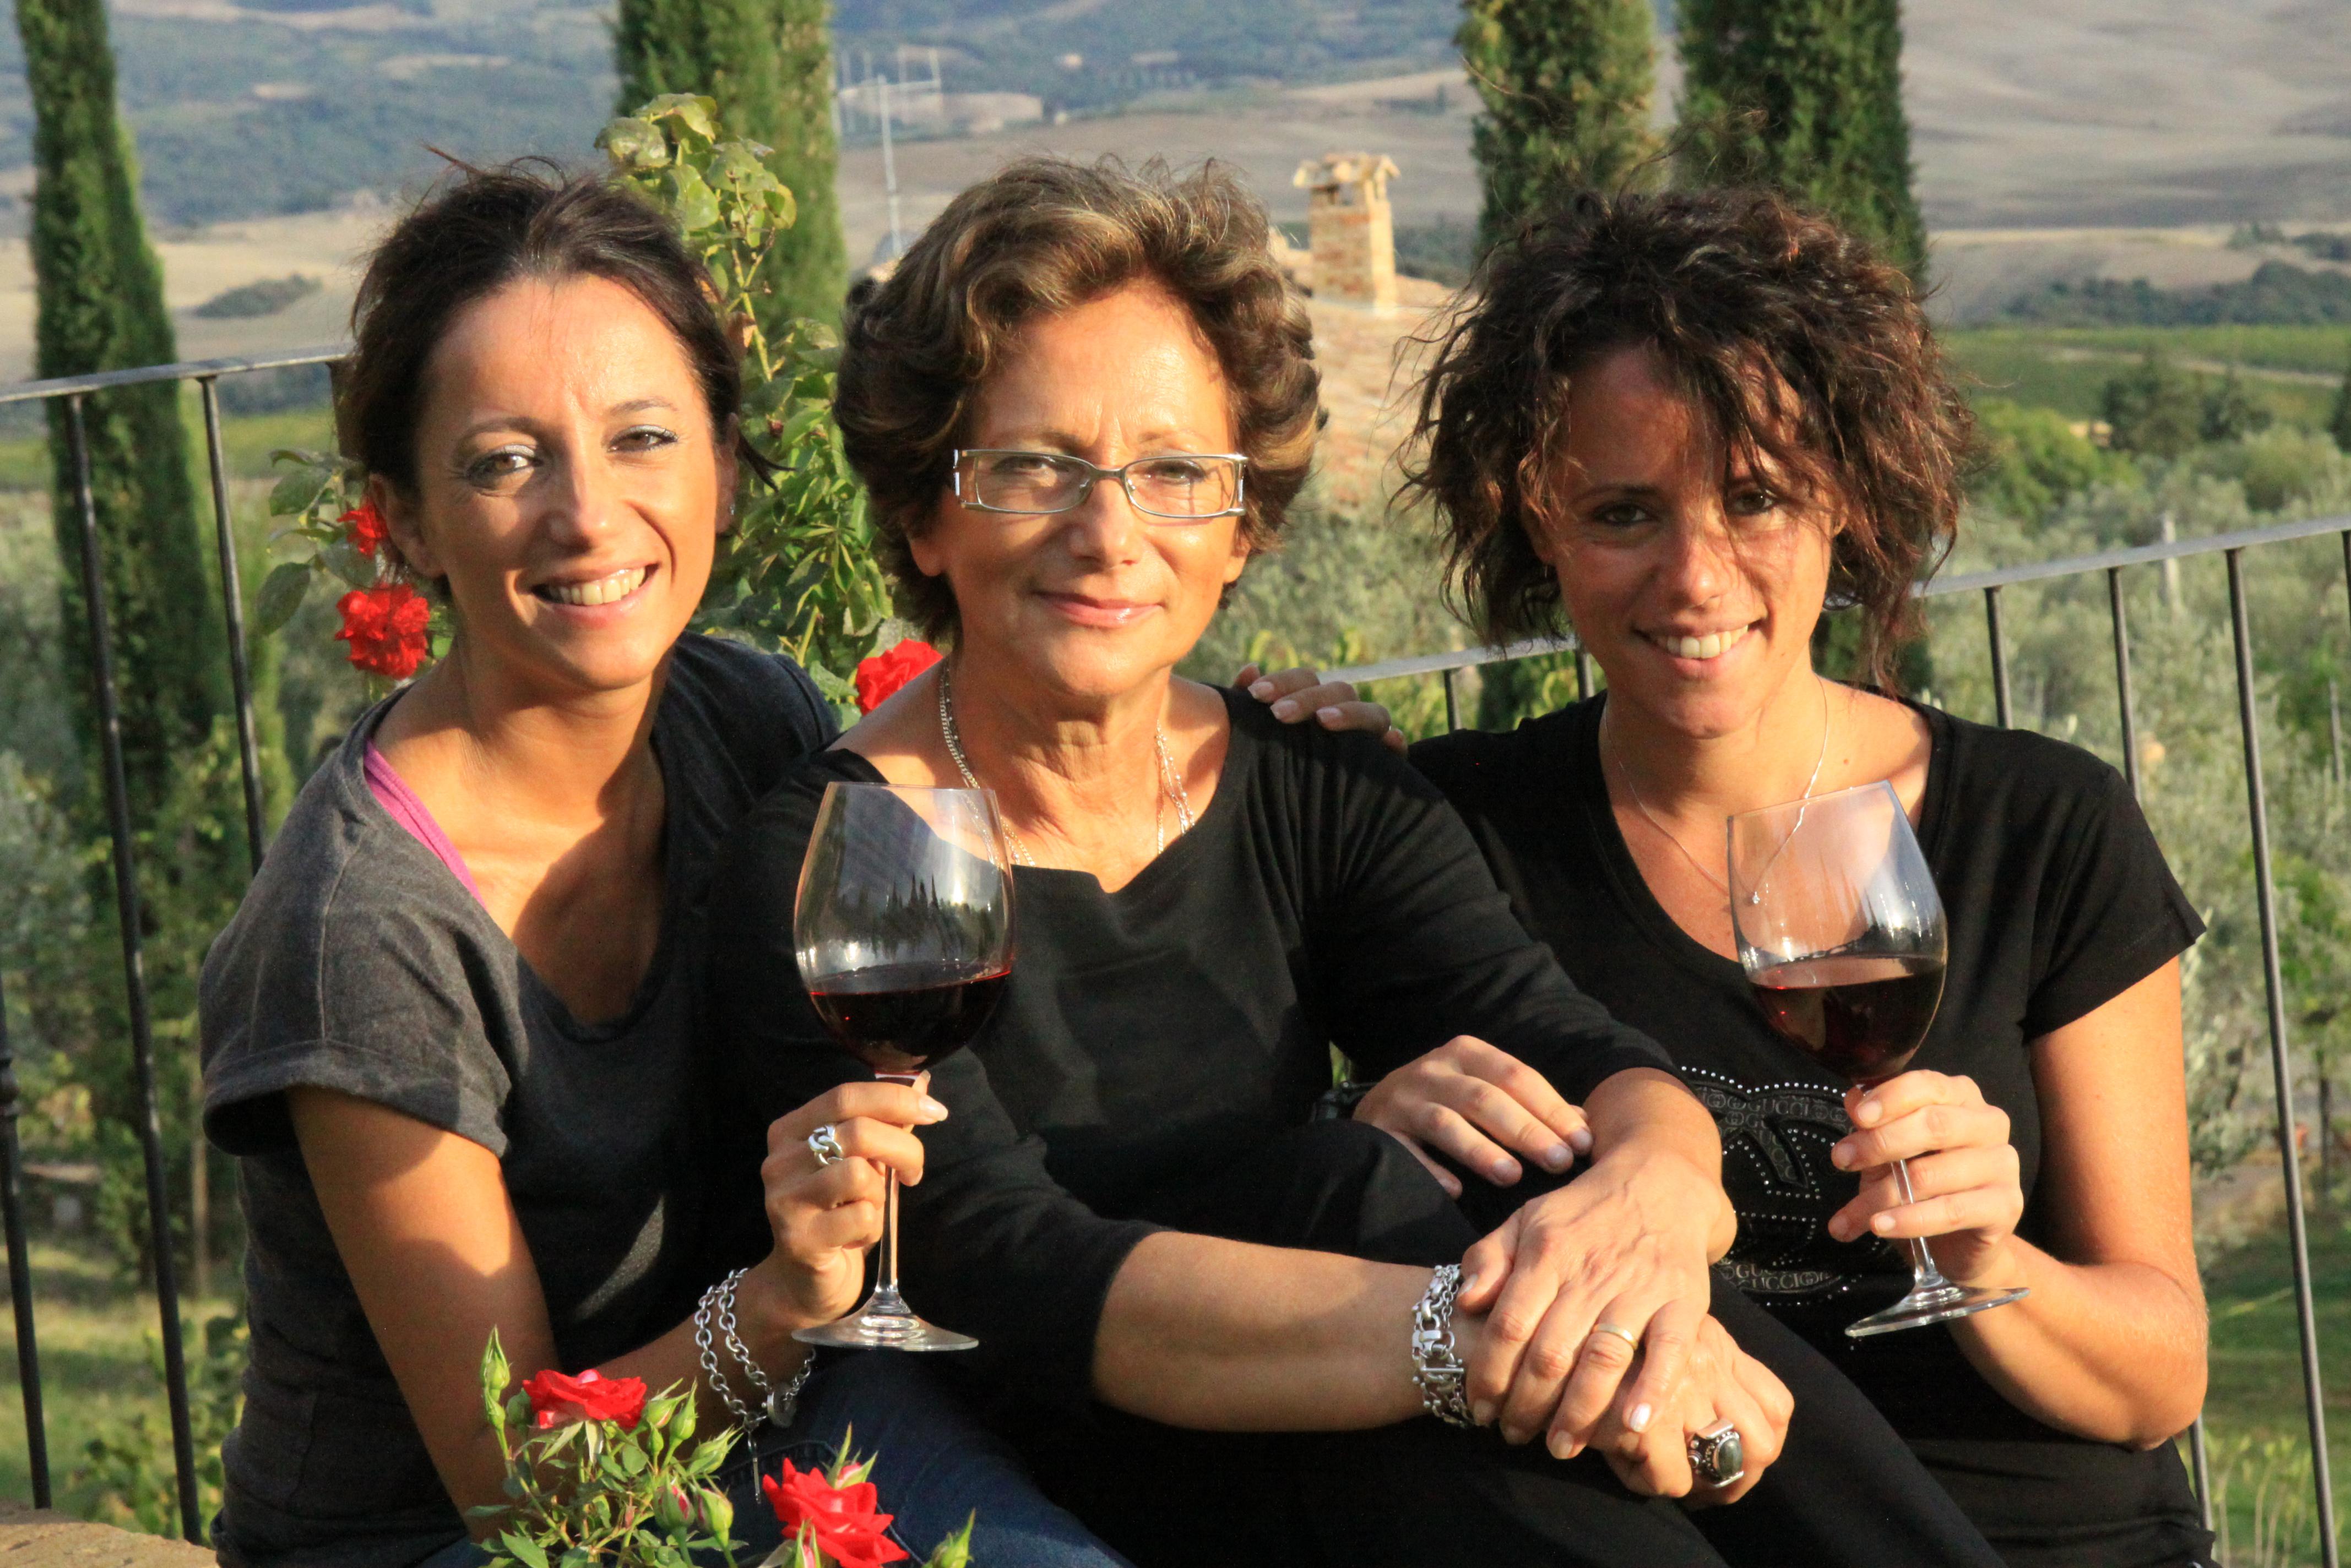 Ein kreatives und energiegeladenes Frauengespann: Laura, Giovanna und Lucia von der Tenuta di Collosorbo